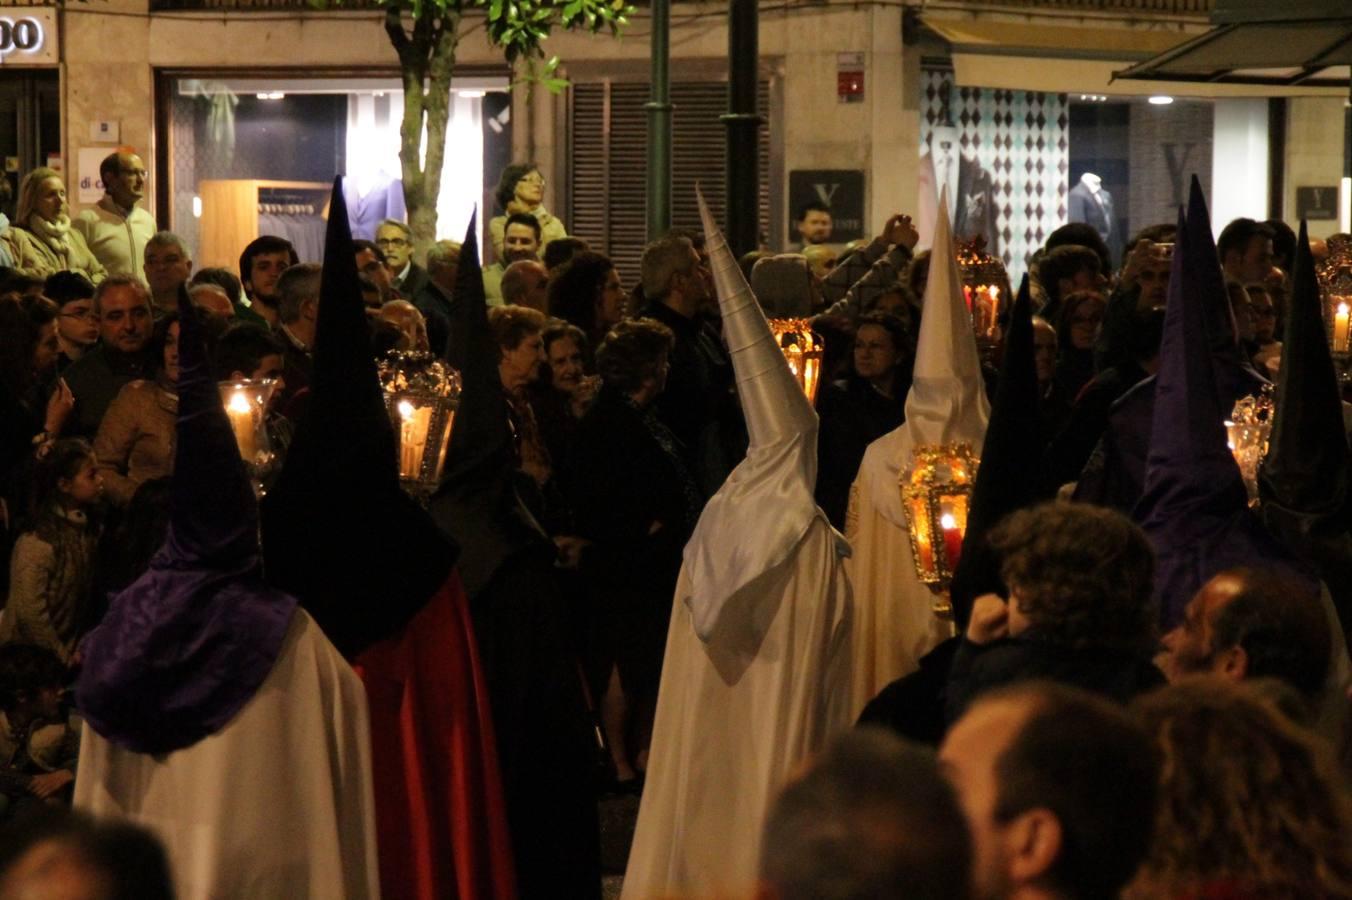 Traslado del Cristo Yacente en Valladolid (2/2)